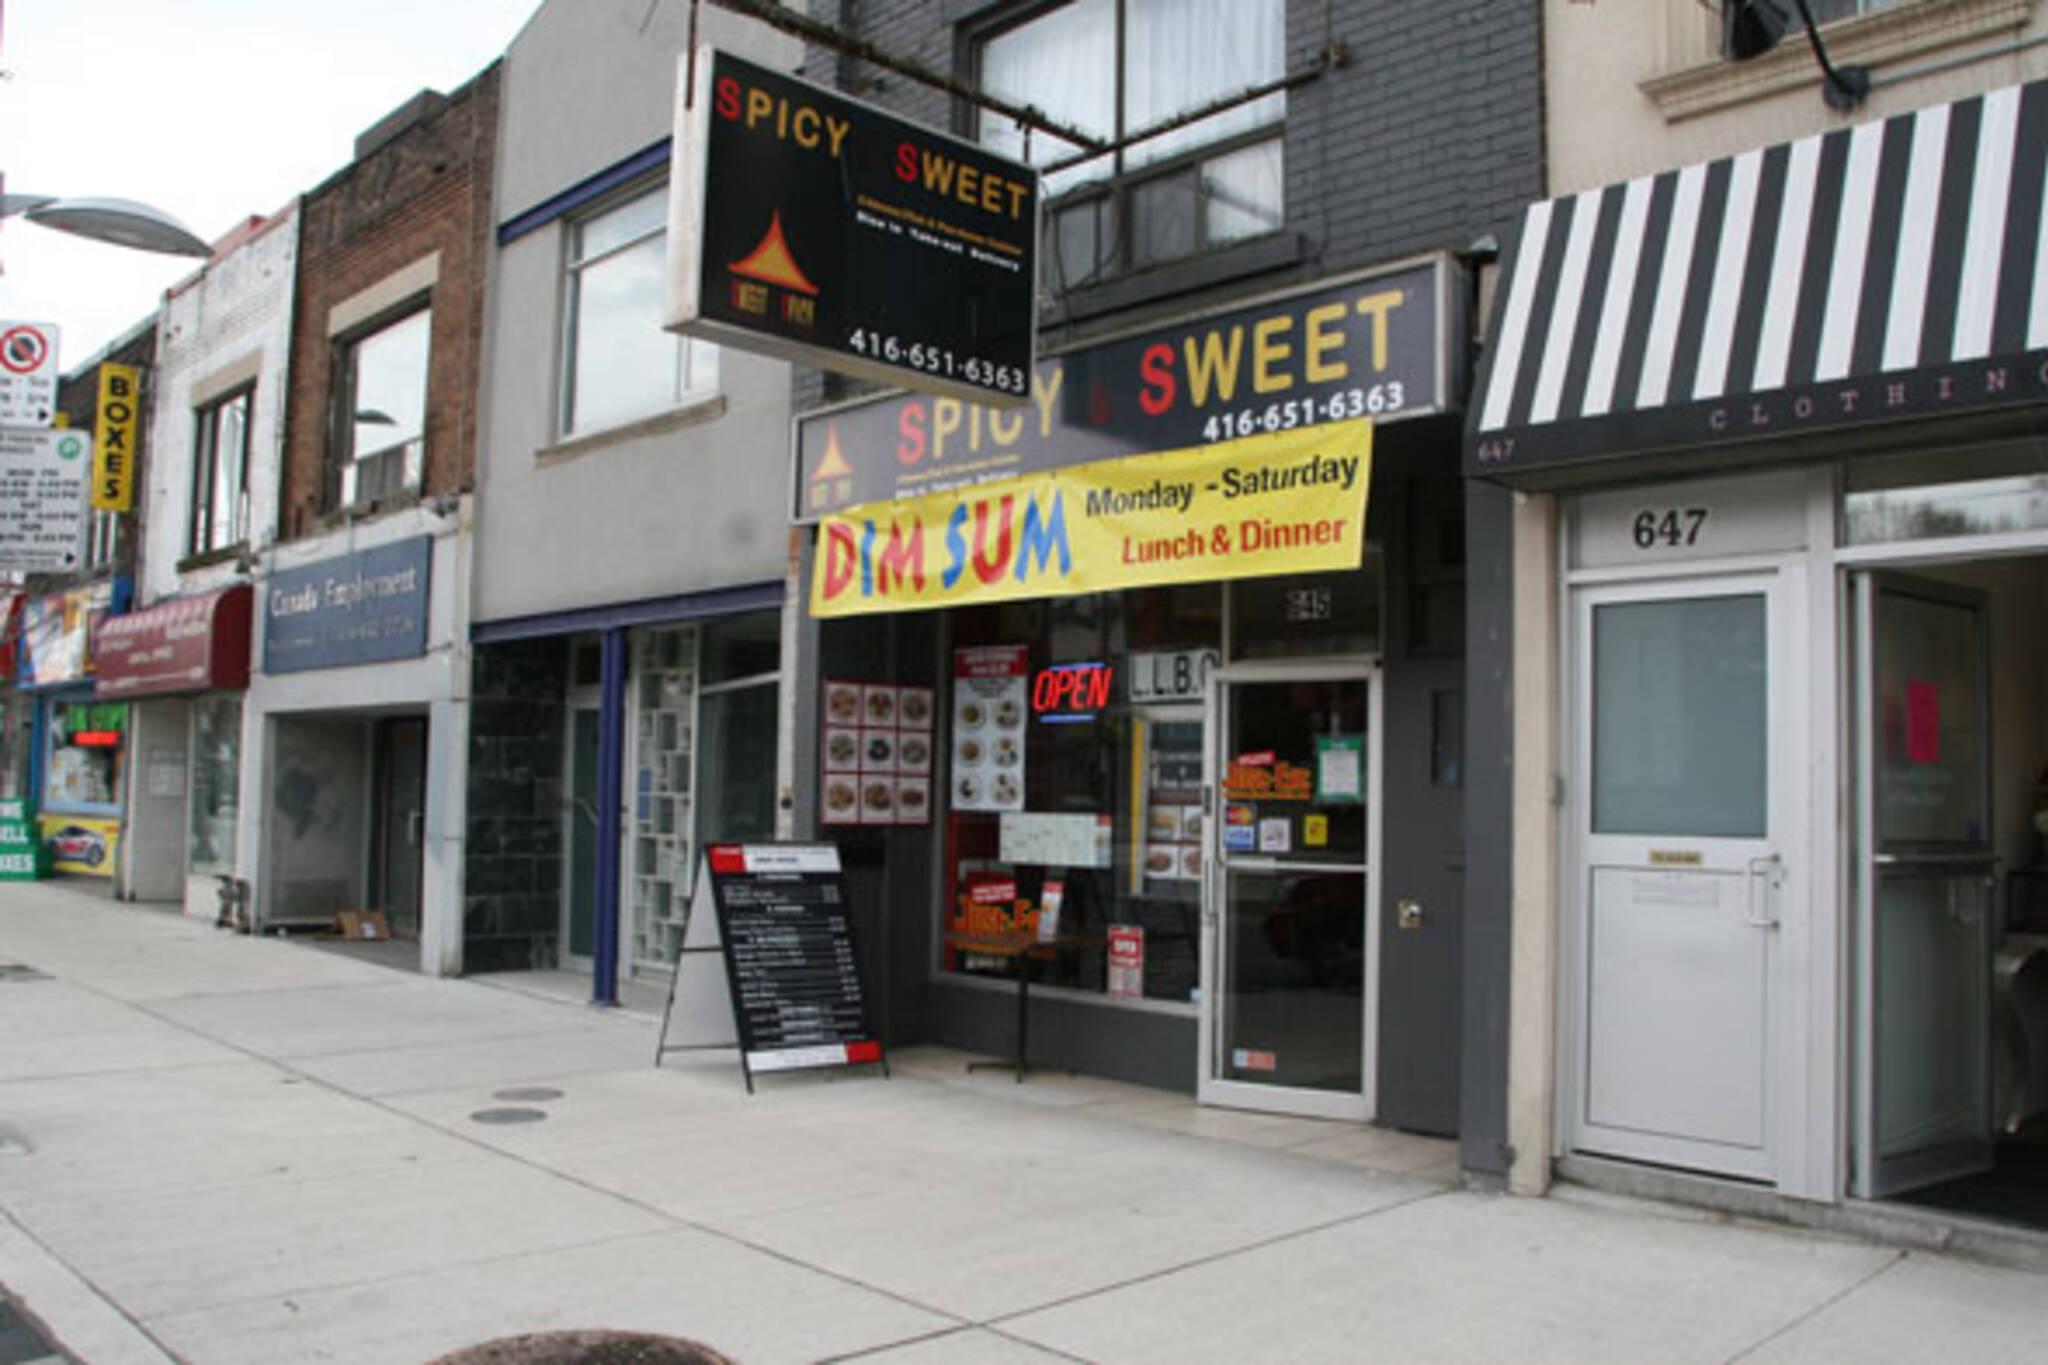 Spicy Sweet Toronto